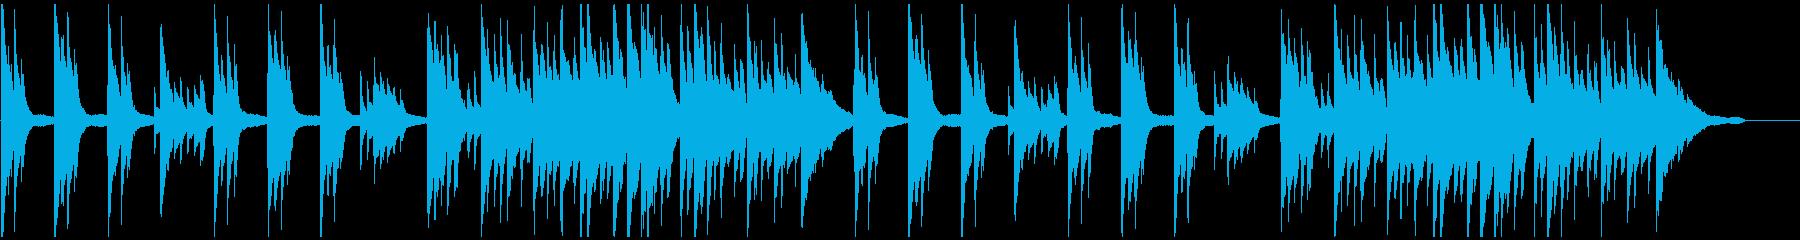 物悲しい思い出 ピアノソロバラードの再生済みの波形